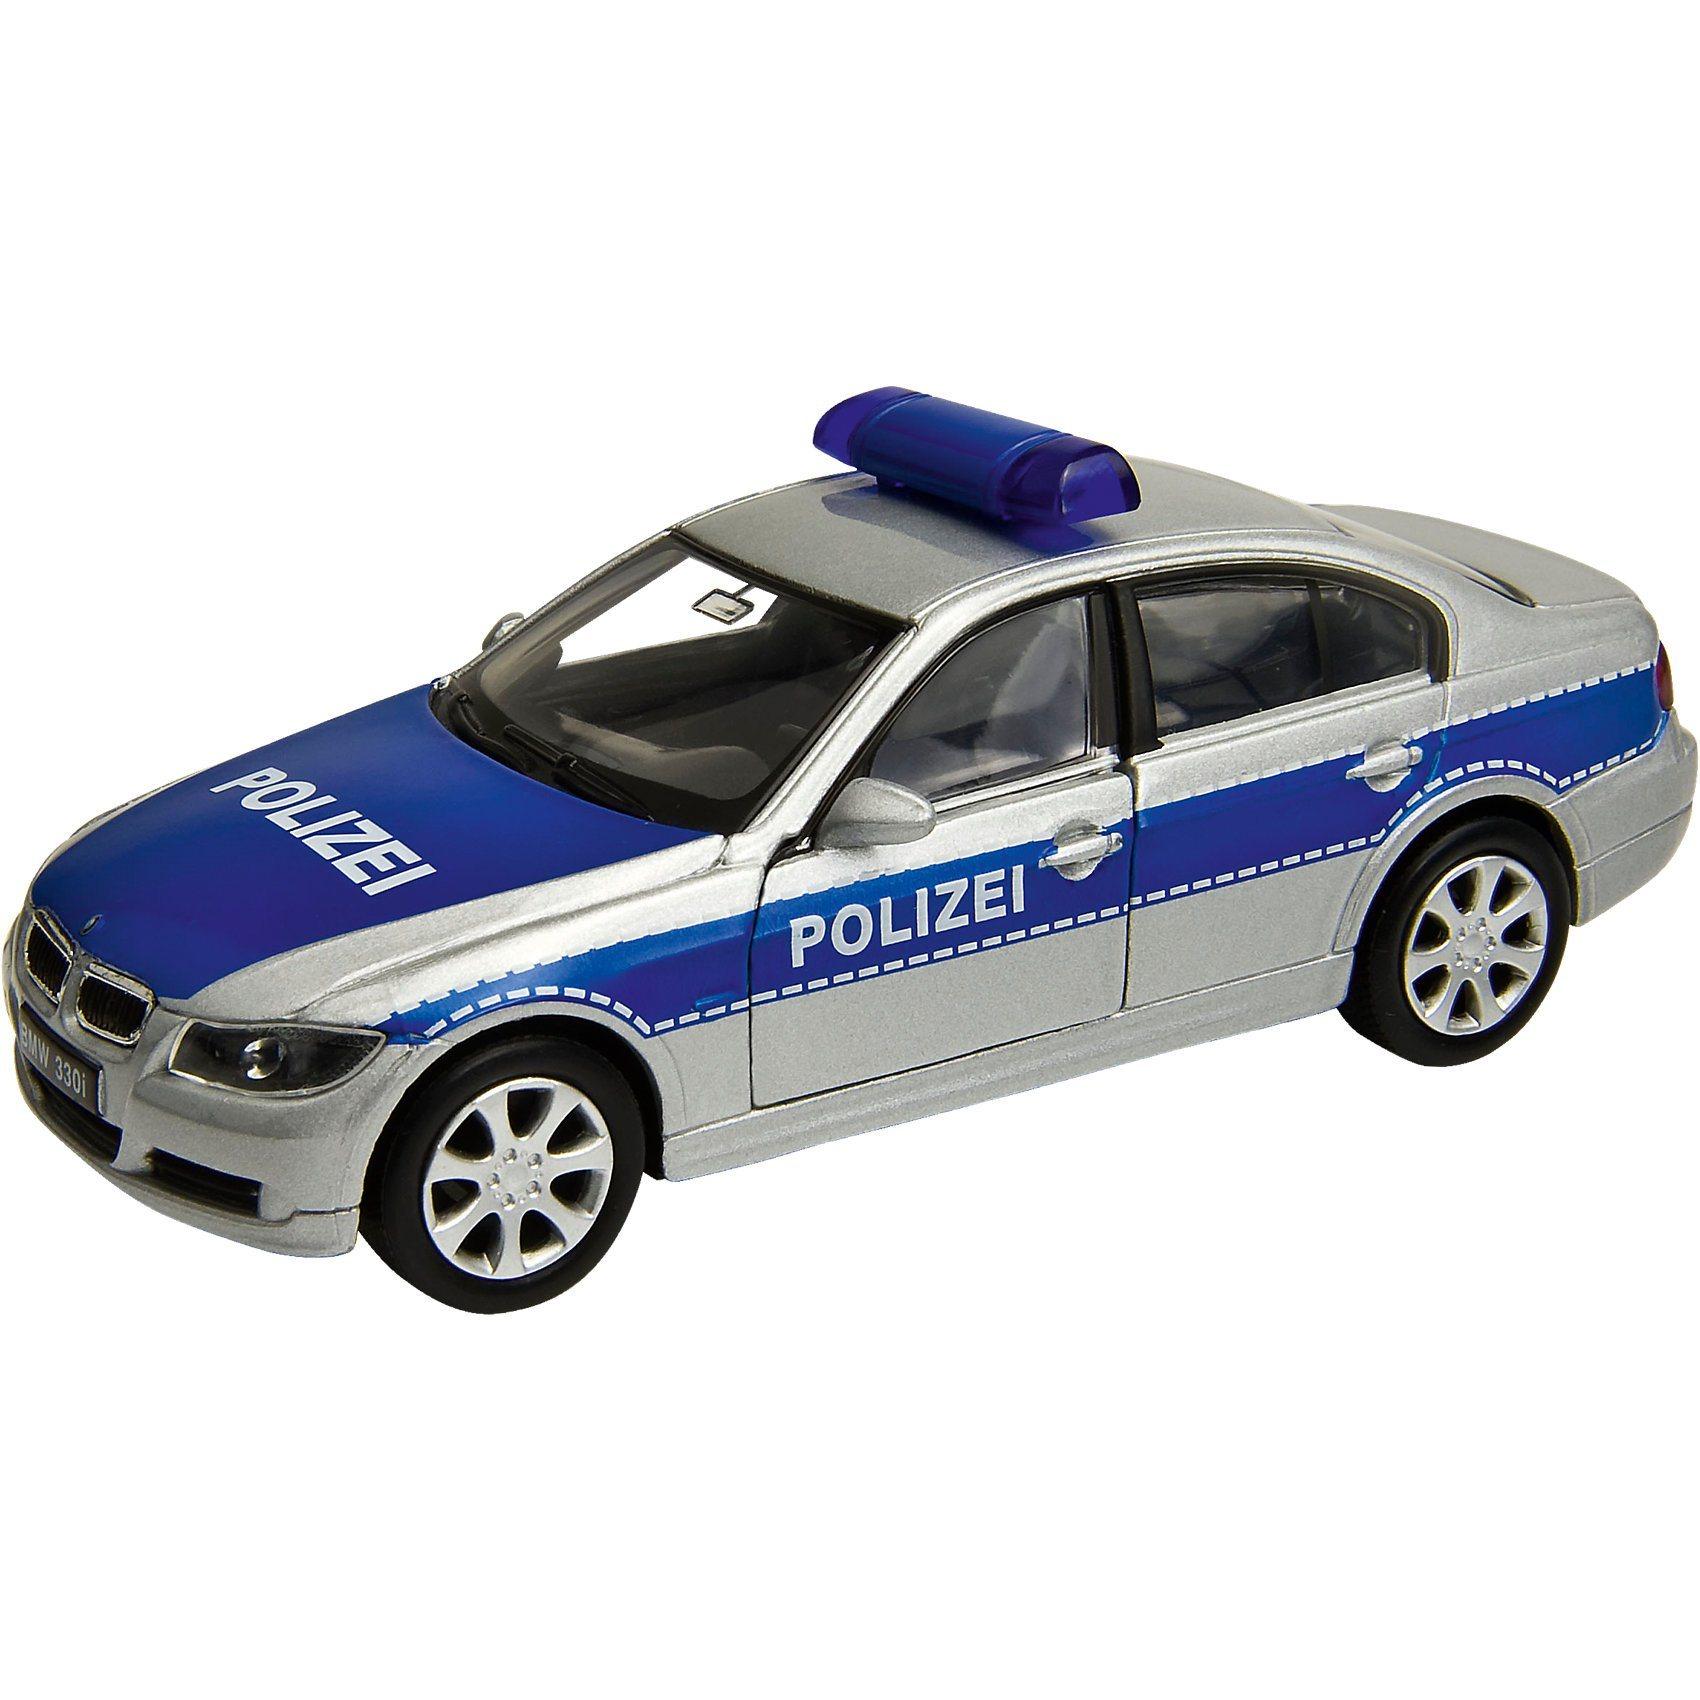 Polizei (Seite 2) - Preisvergleich